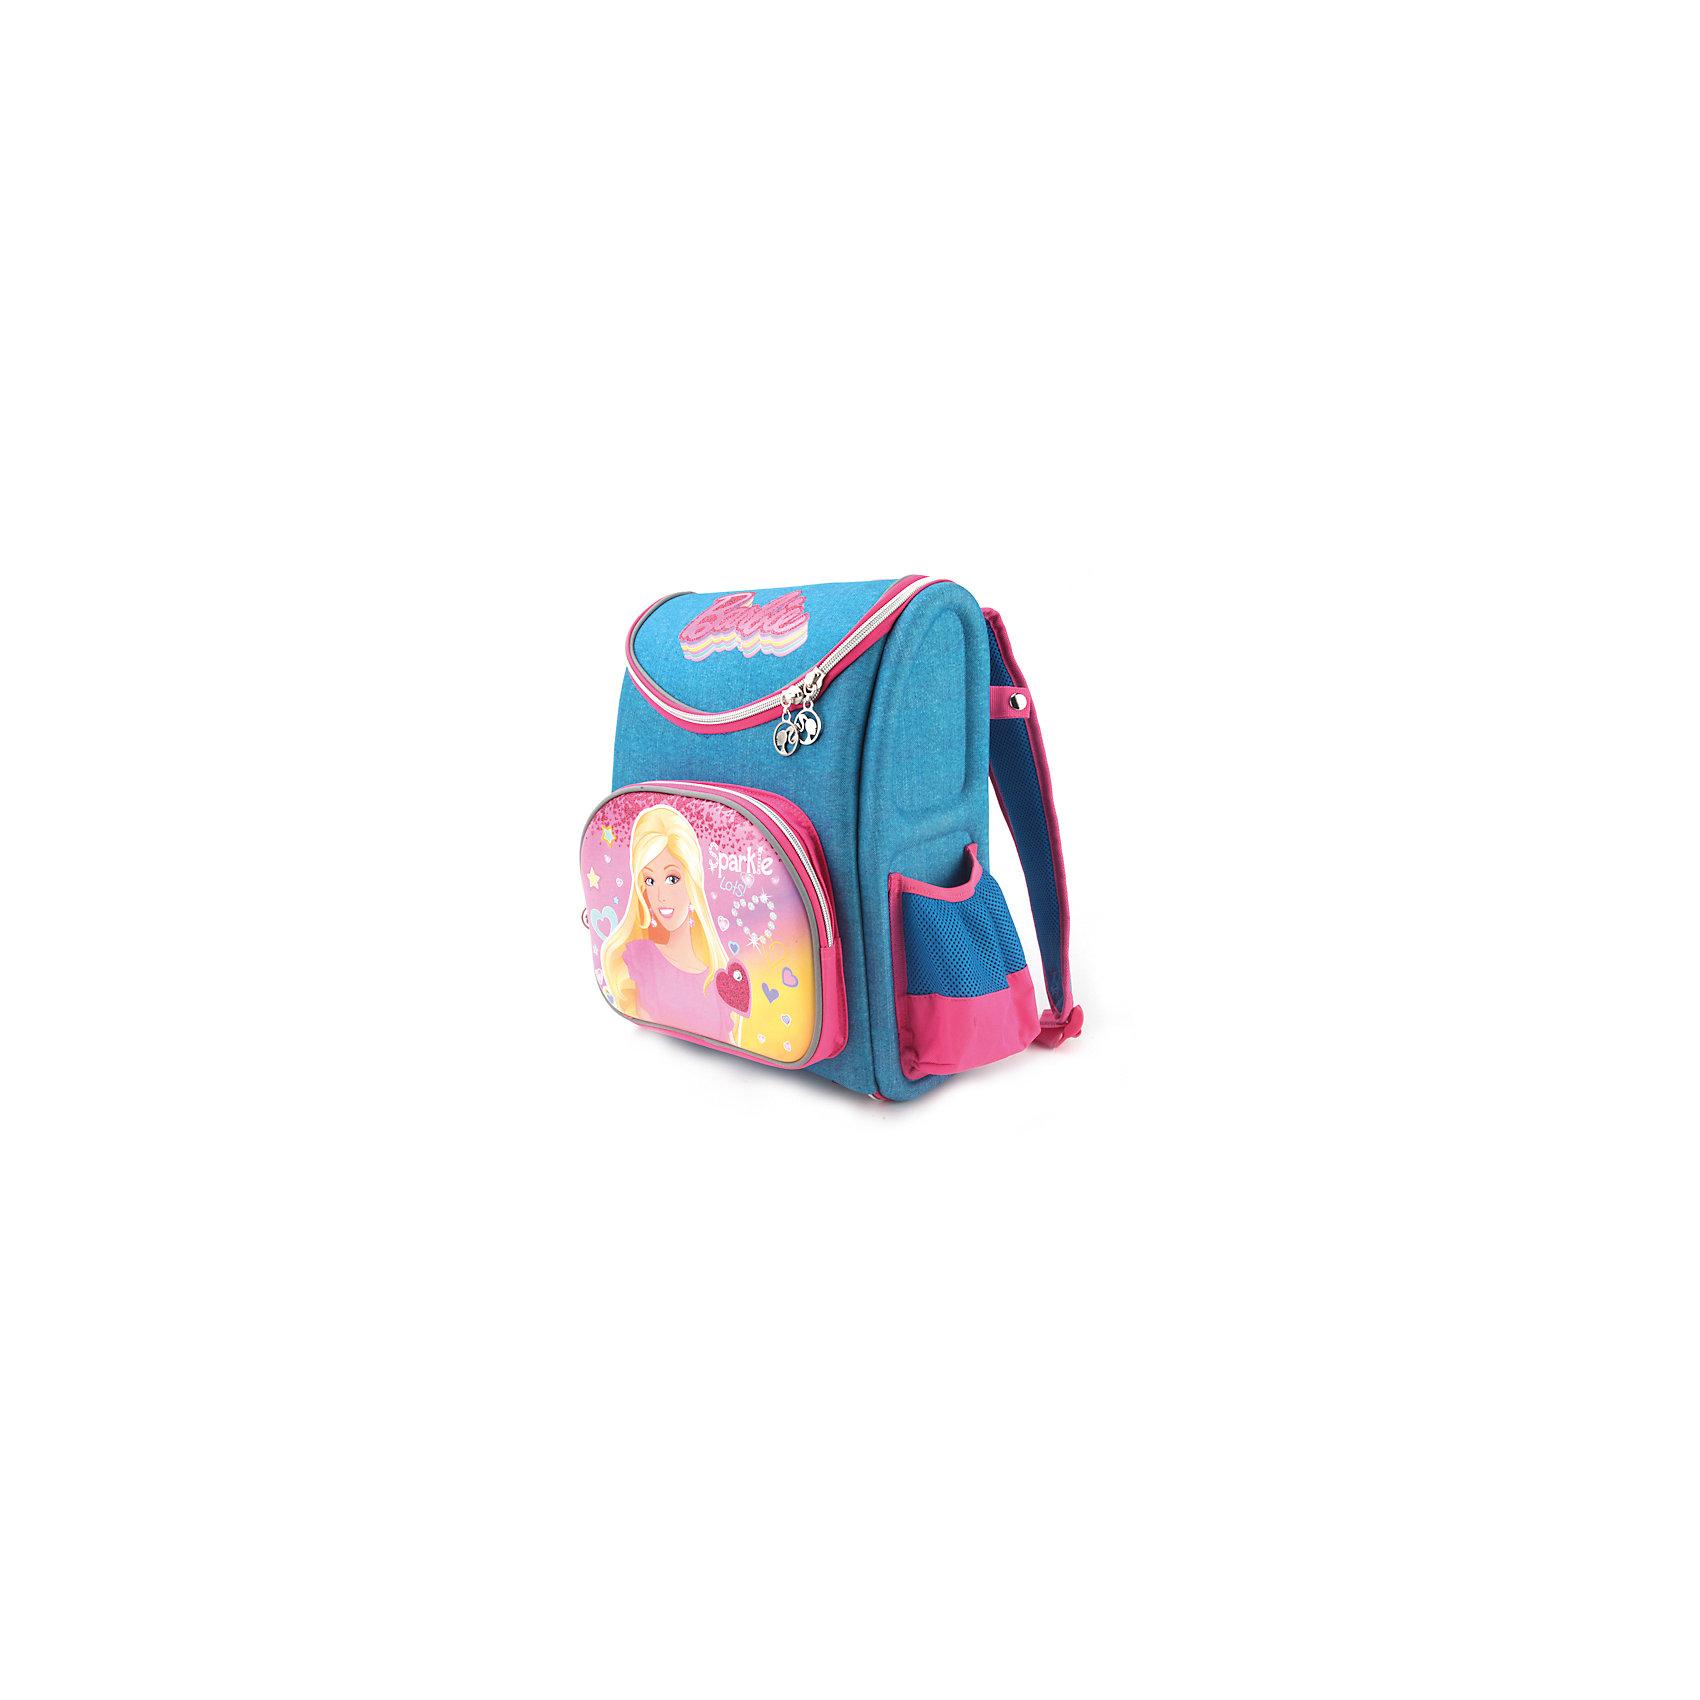 Школьный рюкзак-трансформер BarbieНосить Рюкзак-трансформер Barbie (Барби), 37х32х17 см доставит всем девочкам удовольствие, ведь изображенная Барби в короне такая красивая! Носить рюкзак удобно, спинка имеет ортопедический эффект для комфортного ношения, а легкая пластиковая вставка позади его усиливает. Рюкзак очень вместителен, основное отделение имеет разделители, куда без труда можно разместить любой учебник формата А4. К тому же это рюкзак-трансформер. Расстегнув его молнию до дна, в отделение можно положить широкие вещи, которые бы не влезли в обычный рюкзак, или просто компактно сложить. <br><br>Характеристики:<br>-Широкие лямки позволяют снизить нагрузку на плечи <br>-Светоотражающие элементы на лямках и корпусе рюкзака повышают безопасность ребёнка на дороге<br>-Боковые стороны и спинка выполнены из водонепроницаемого материала<br>-Резиновая ручка позволяет удобно переносить рюкзак в руках<br>-Дно укреплено пластиковой вставкой<br>-Карманы: вместительный наружный карман на молнии и два боковых кармана (мягкий карман на молнии и карман с утягивающей резинкой и сеткой)<br>-Рост ребенка до 128 см<br><br>Дополнительная информация:<br>-Серия: Барби<br>-Размеры: 37х32х17 см<br>-Вес: 800 г<br>-Материалы: текстиль, пластик, резина<br><br>Рюкзак-трансформер Barbie (Барби), 37х32х17 см можно купить в нашем магазине.<br><br>Ширина мм: 170<br>Глубина мм: 370<br>Высота мм: 320<br>Вес г: 1005<br>Возраст от месяцев: 60<br>Возраст до месяцев: 120<br>Пол: Женский<br>Возраст: Детский<br>SKU: 4144388